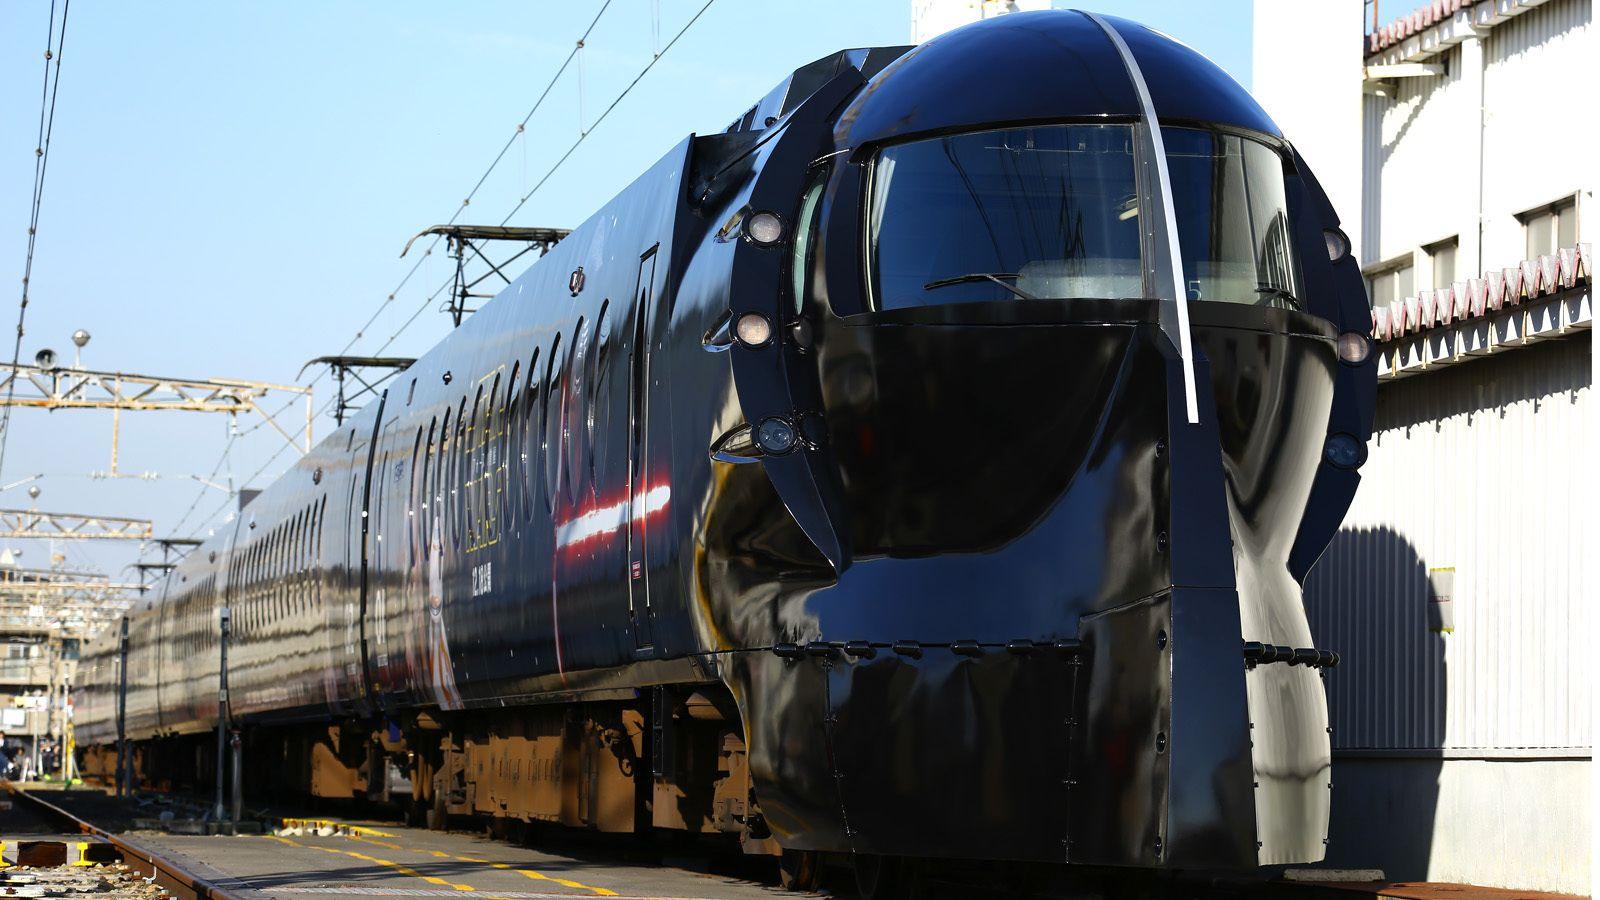 「スター・ウォーズ特急」がグッと来る理由 | 鉄道最前線 | 東洋経済オンライン | 新世代リーダーのためのビジネスサイト